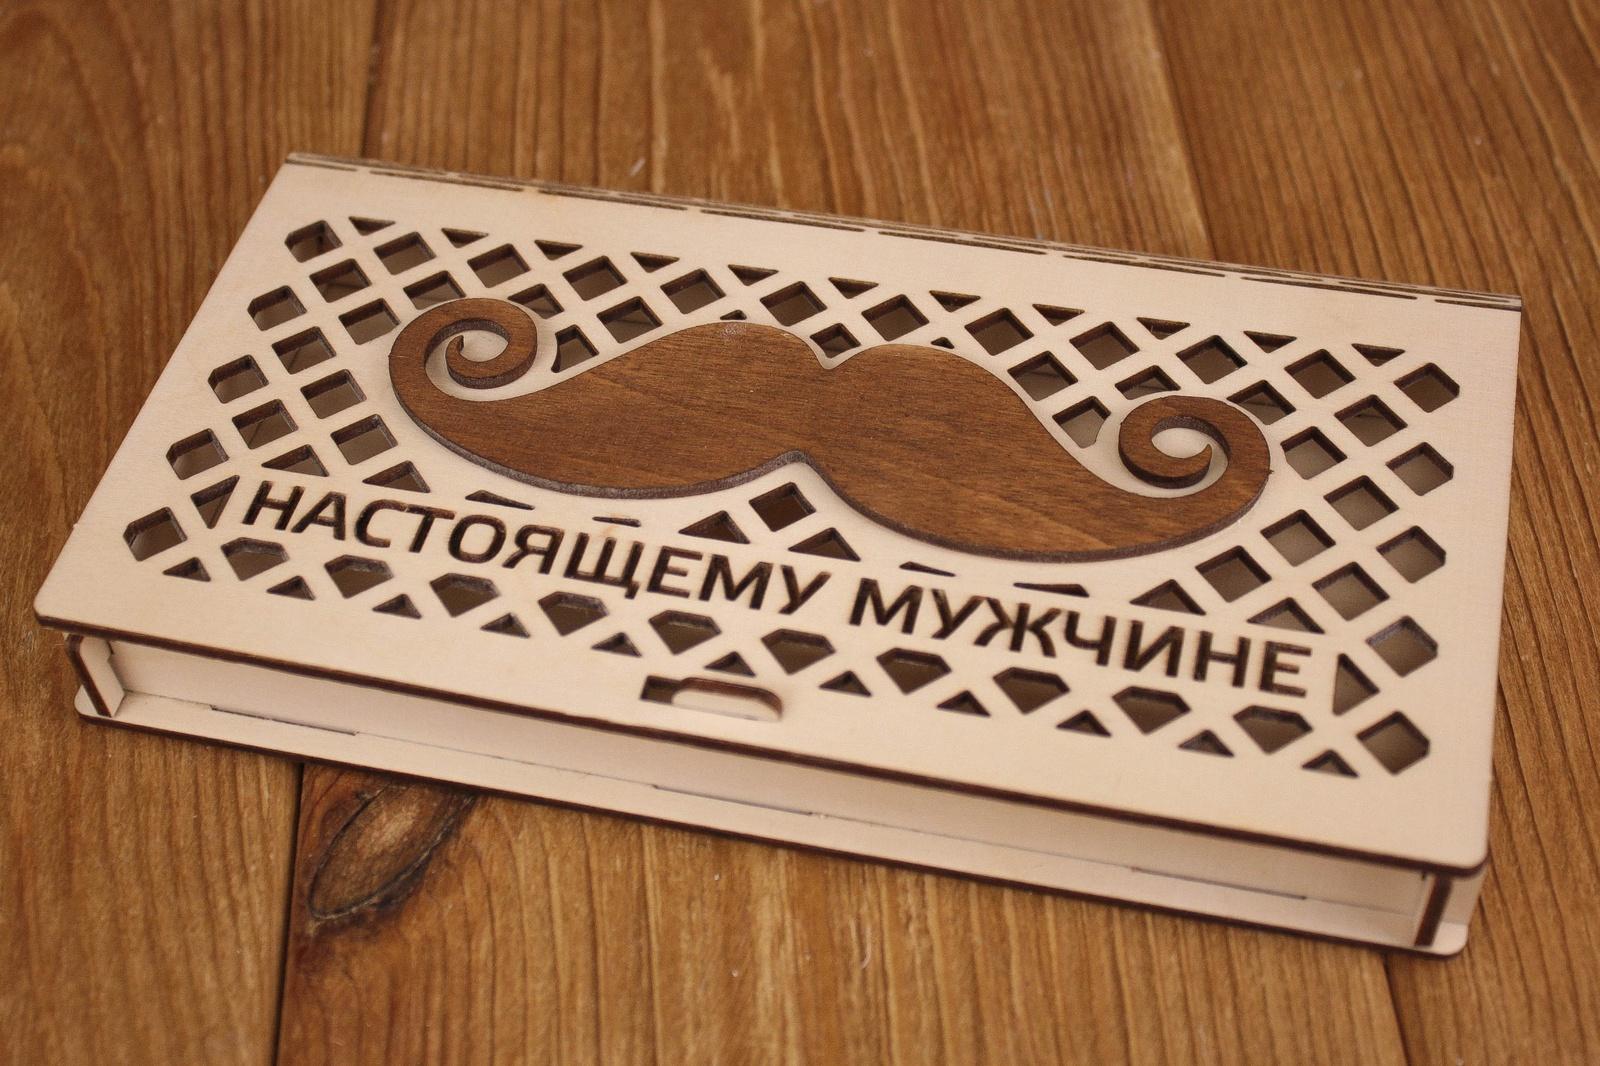 Подарочная упаковка Мастер Дизайн Сув559000017, бежевый, коричневый подарочная упаковка мастер дизайн пу385001700 коричневый